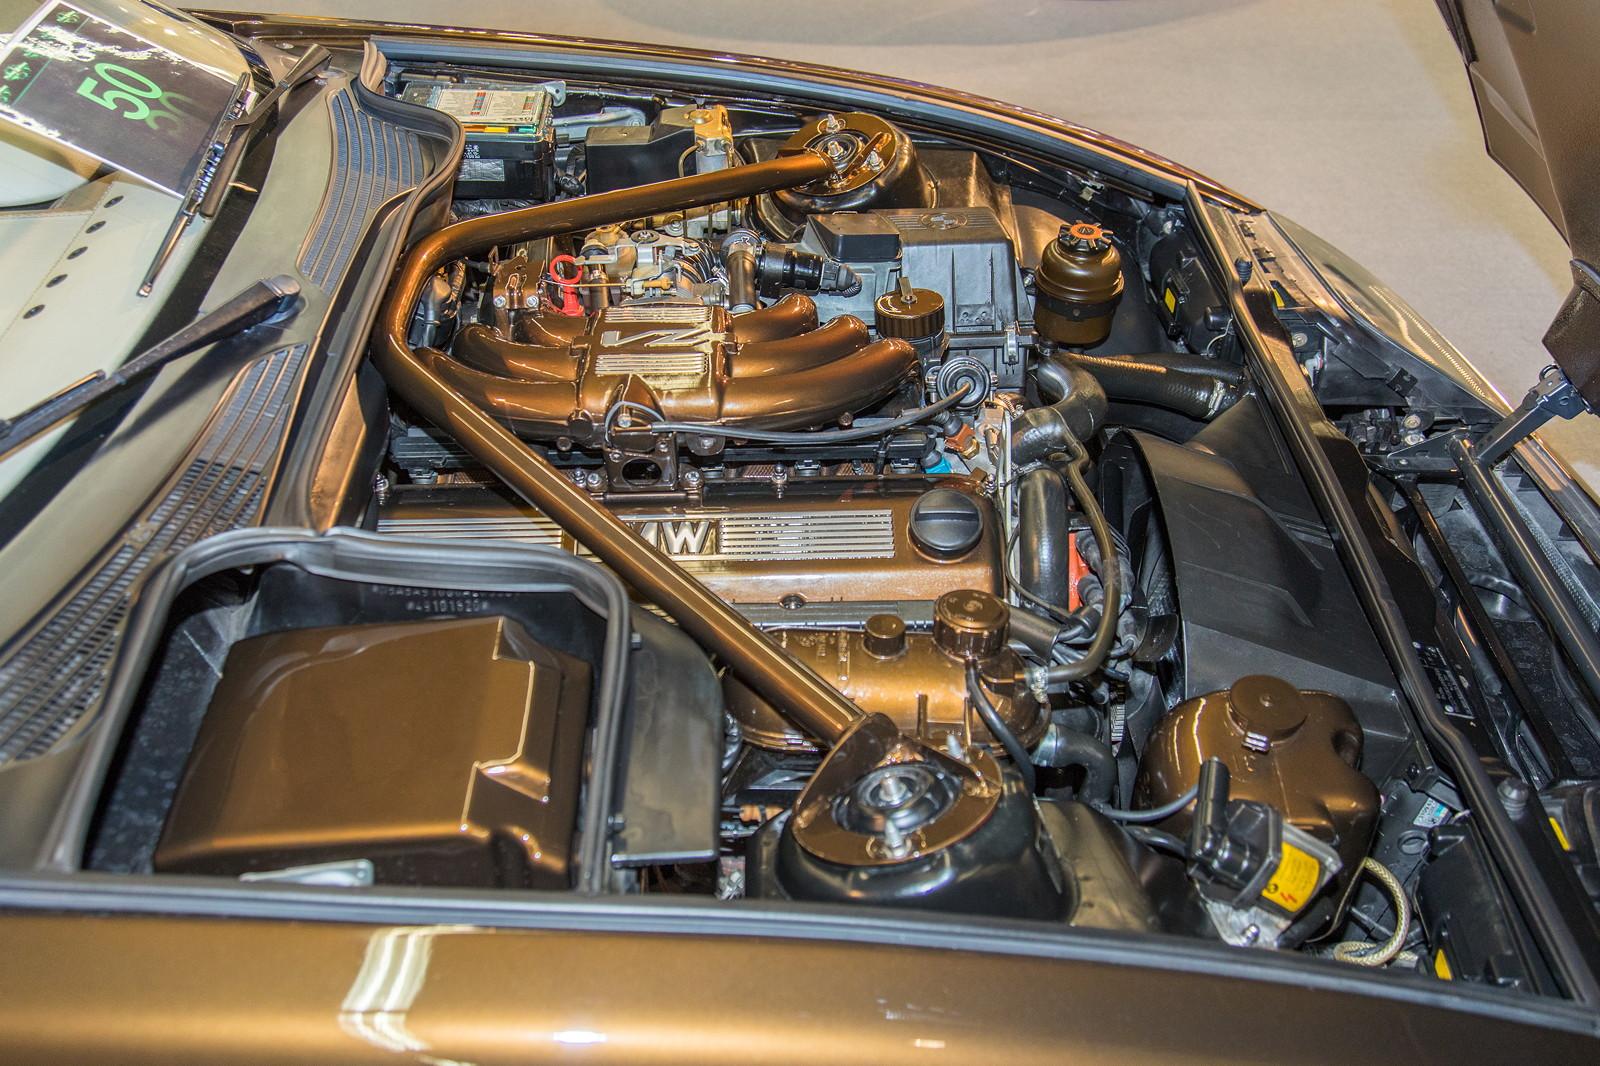 Foto: BMW Z1, E30 \'M20\' Motor, Leistungssteigerung auf 220 PS, div ...